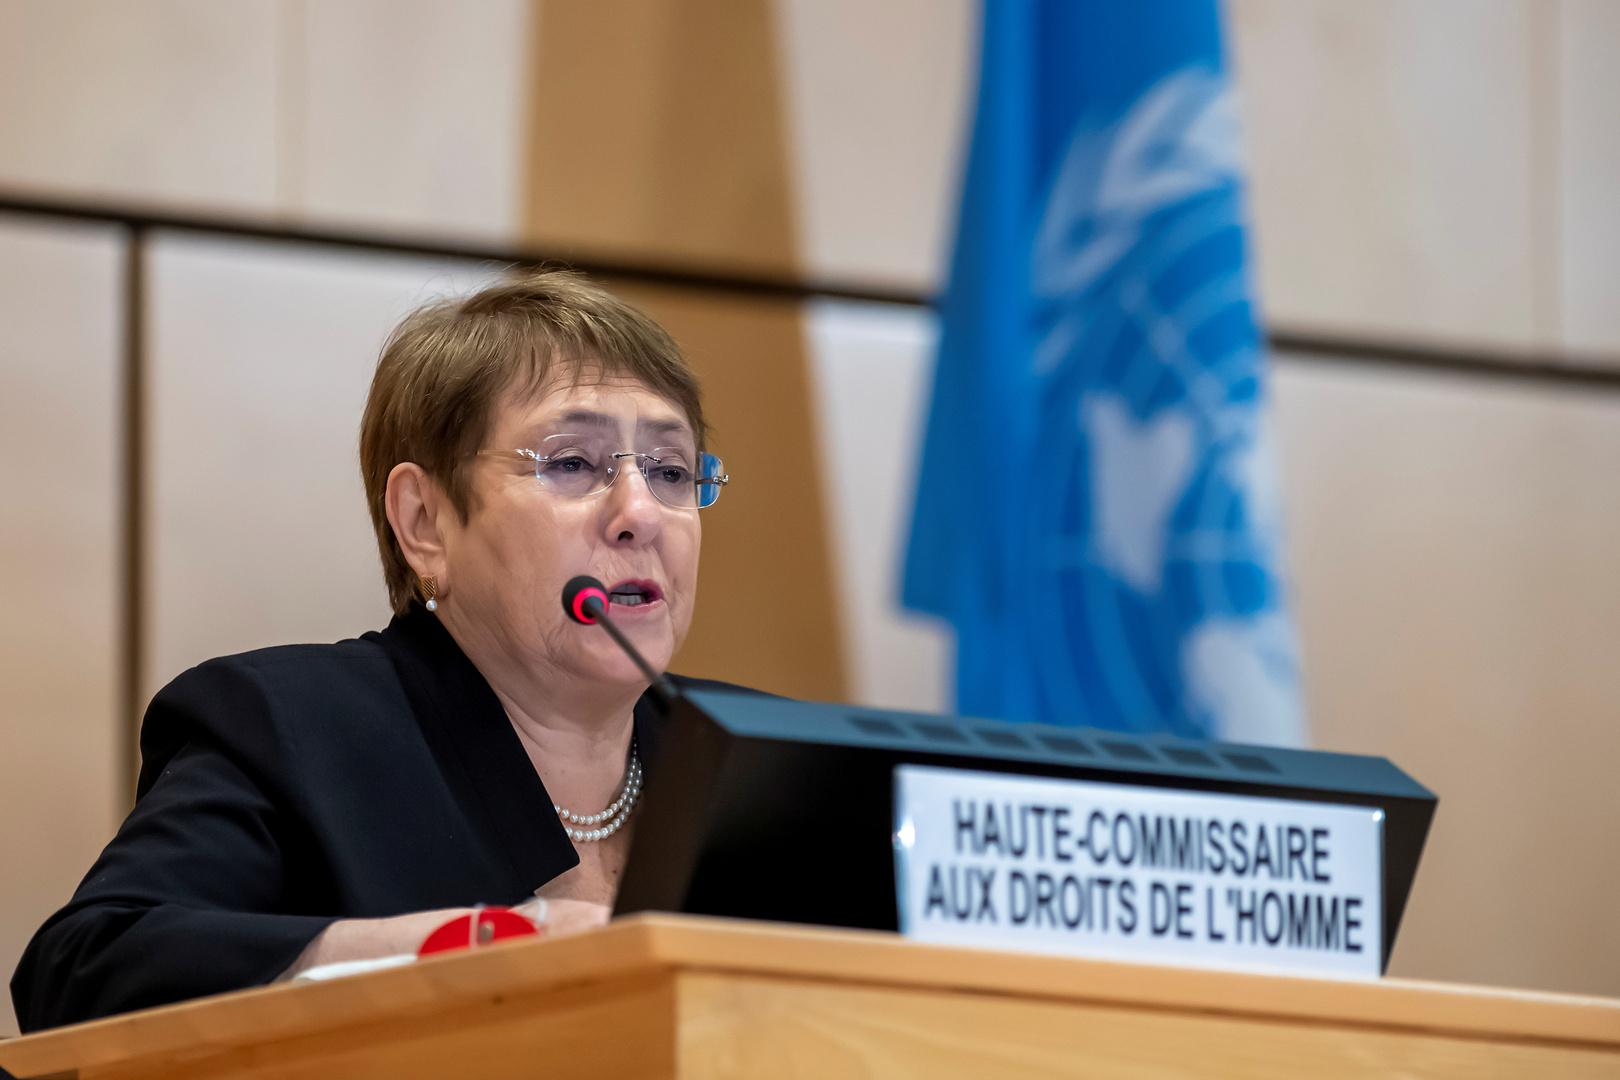 مفوضة الأمم المتحدة لحقوق الإنسان ميشيل باشليت